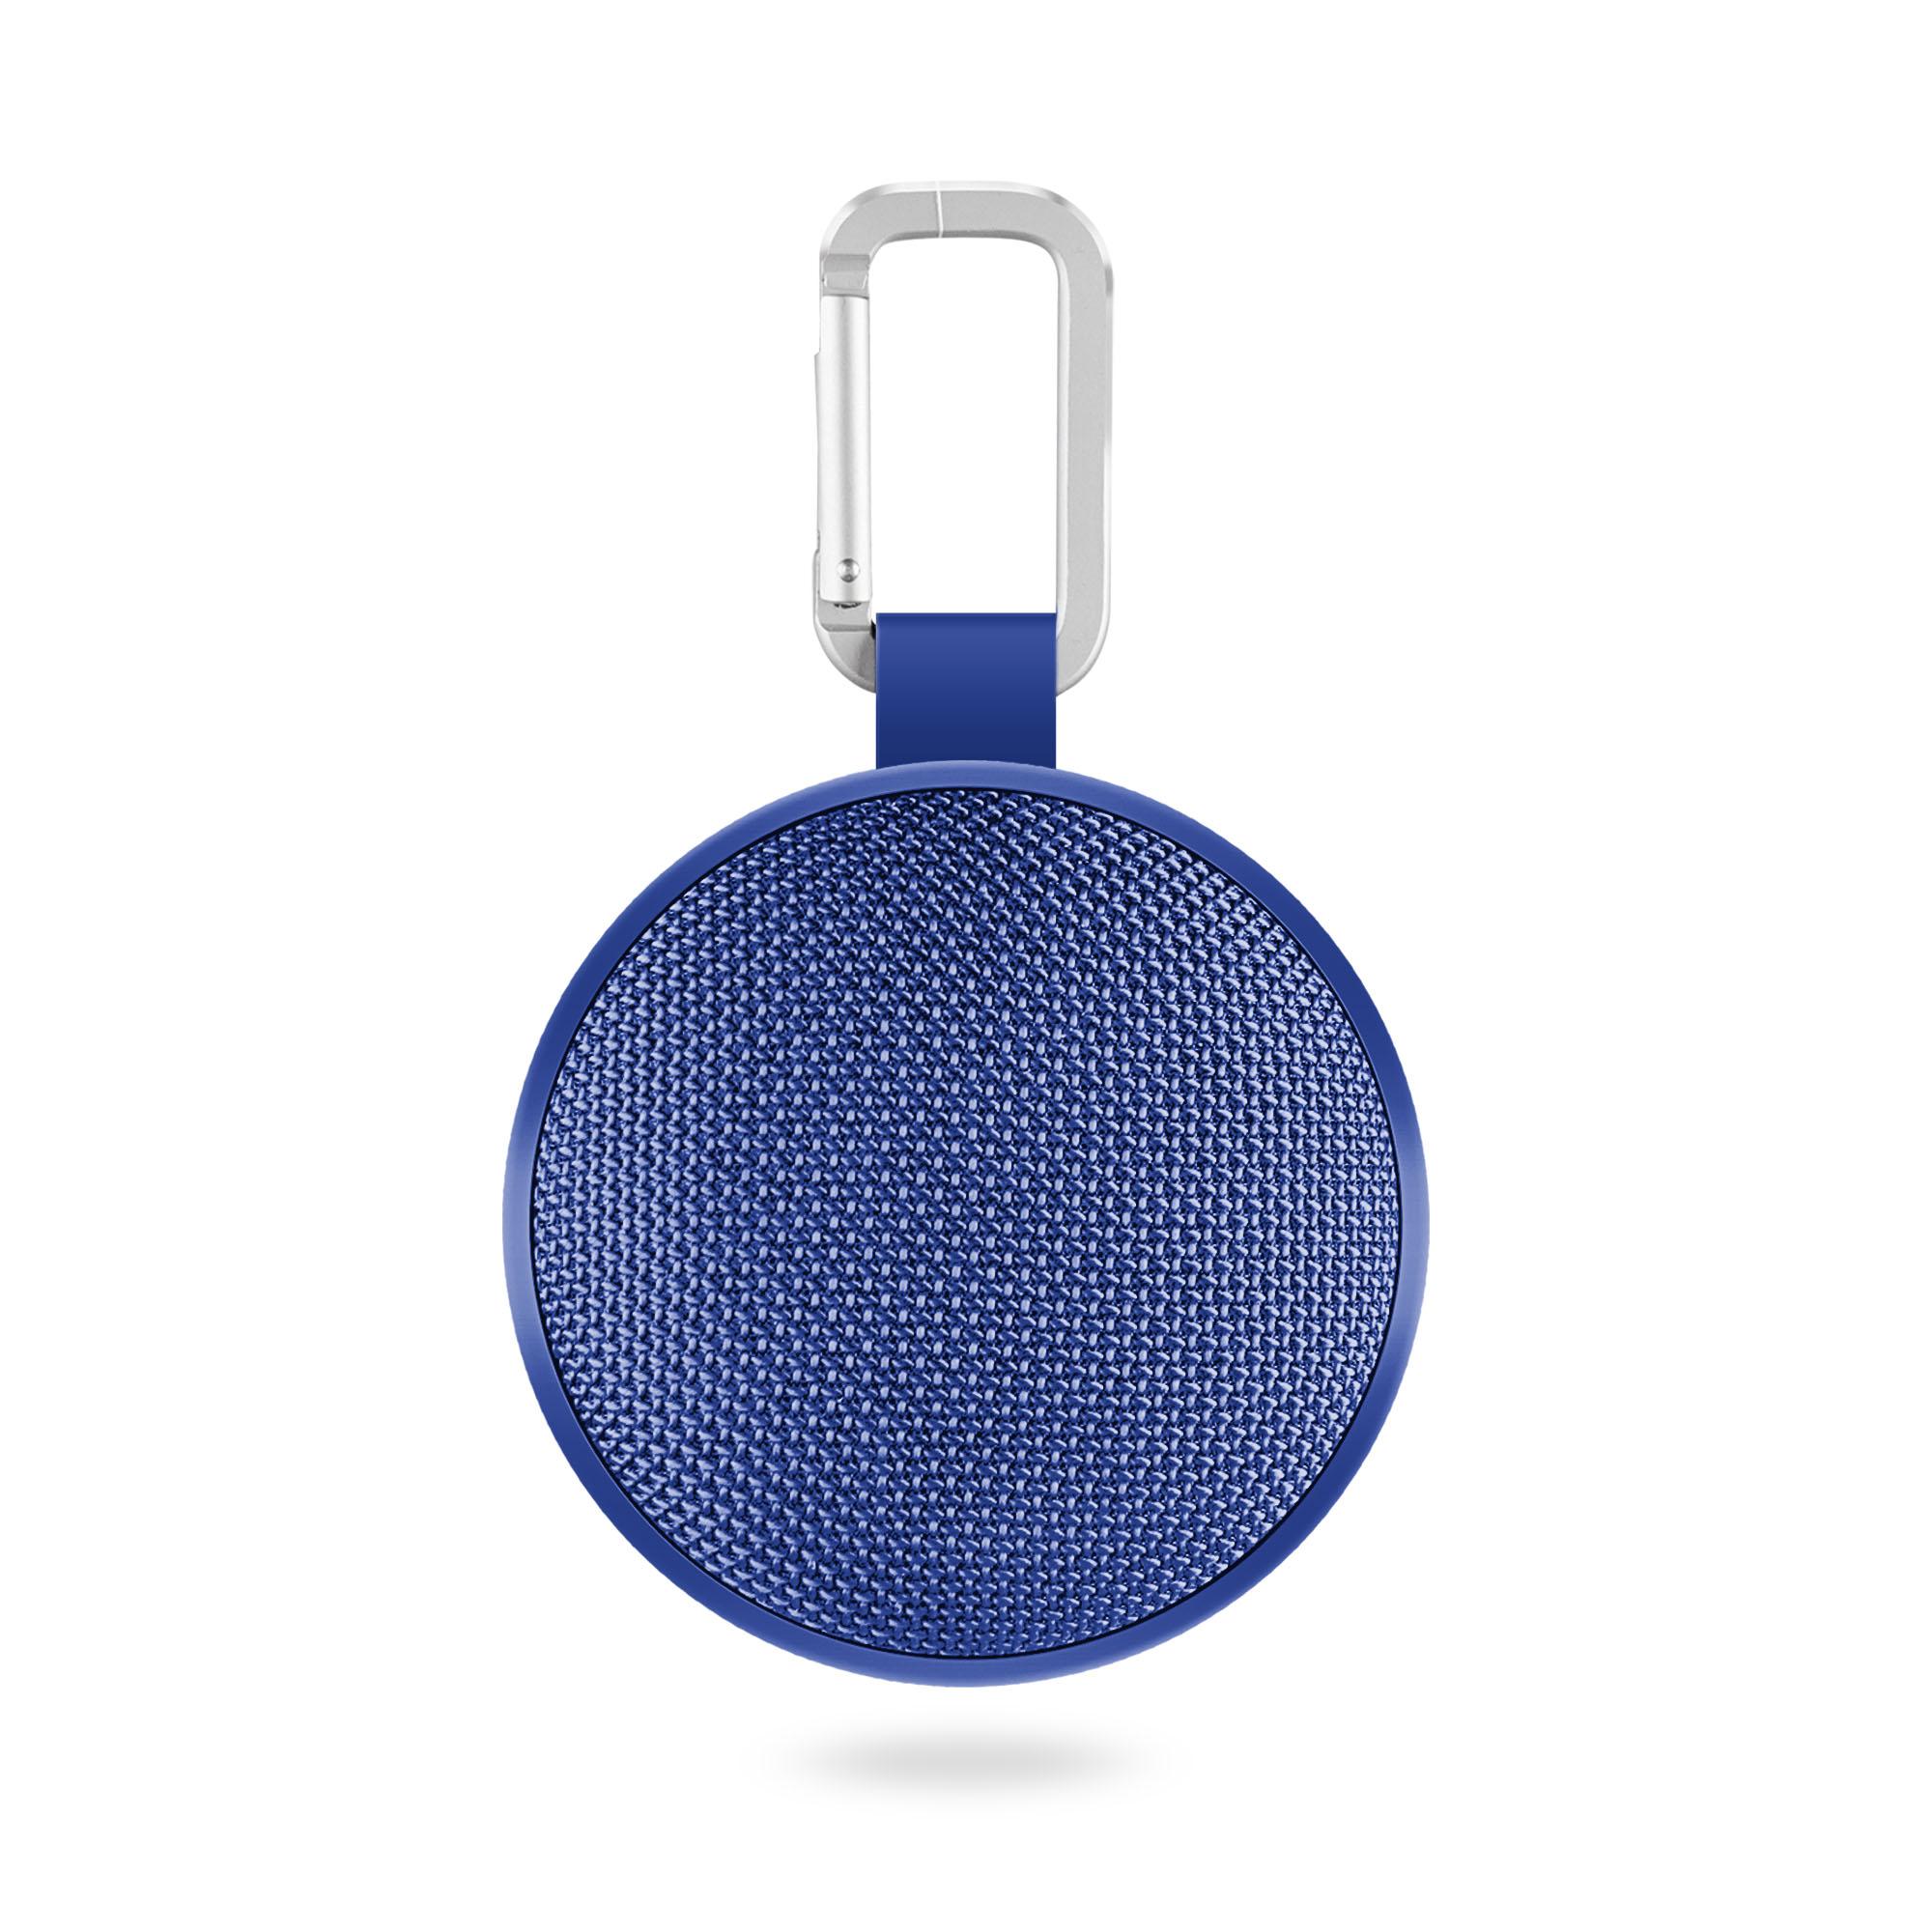 Rombica mysound BT-02 Blue